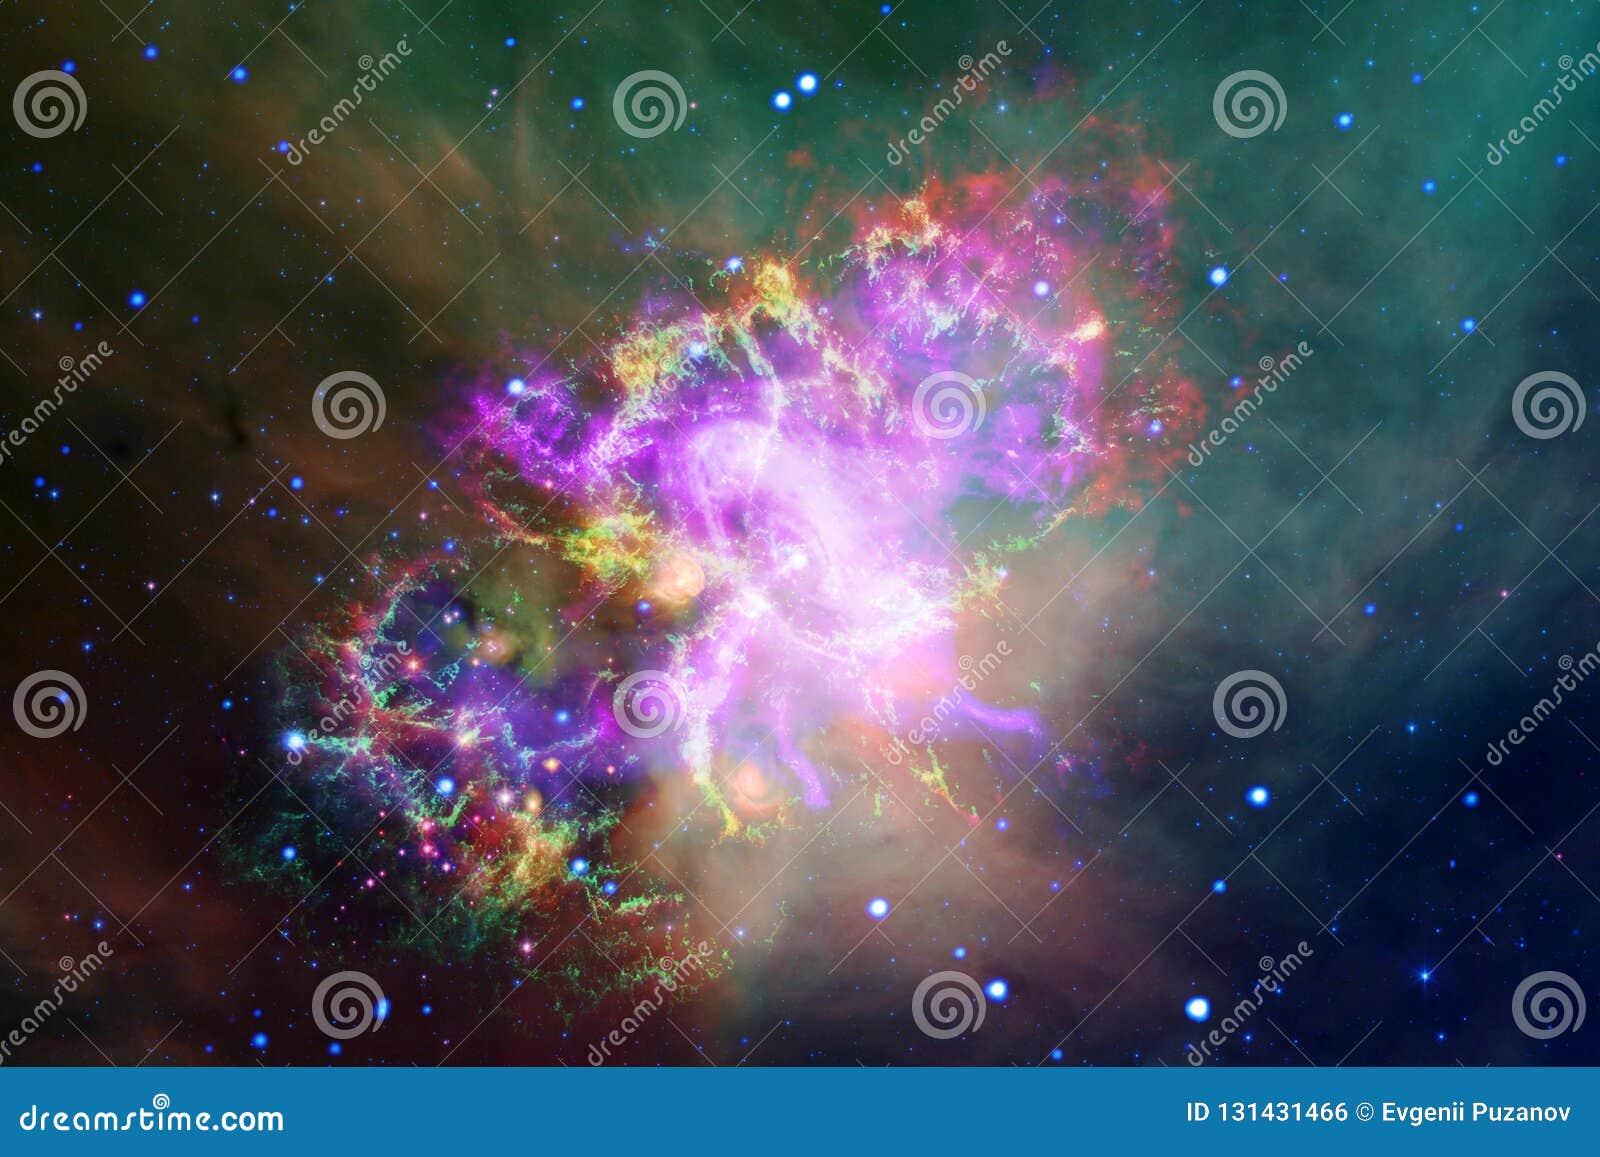 Galassia incredibilmente bella molti anni luci lontano dalla terra Elementi di questa immagine ammobiliati dalla NASA